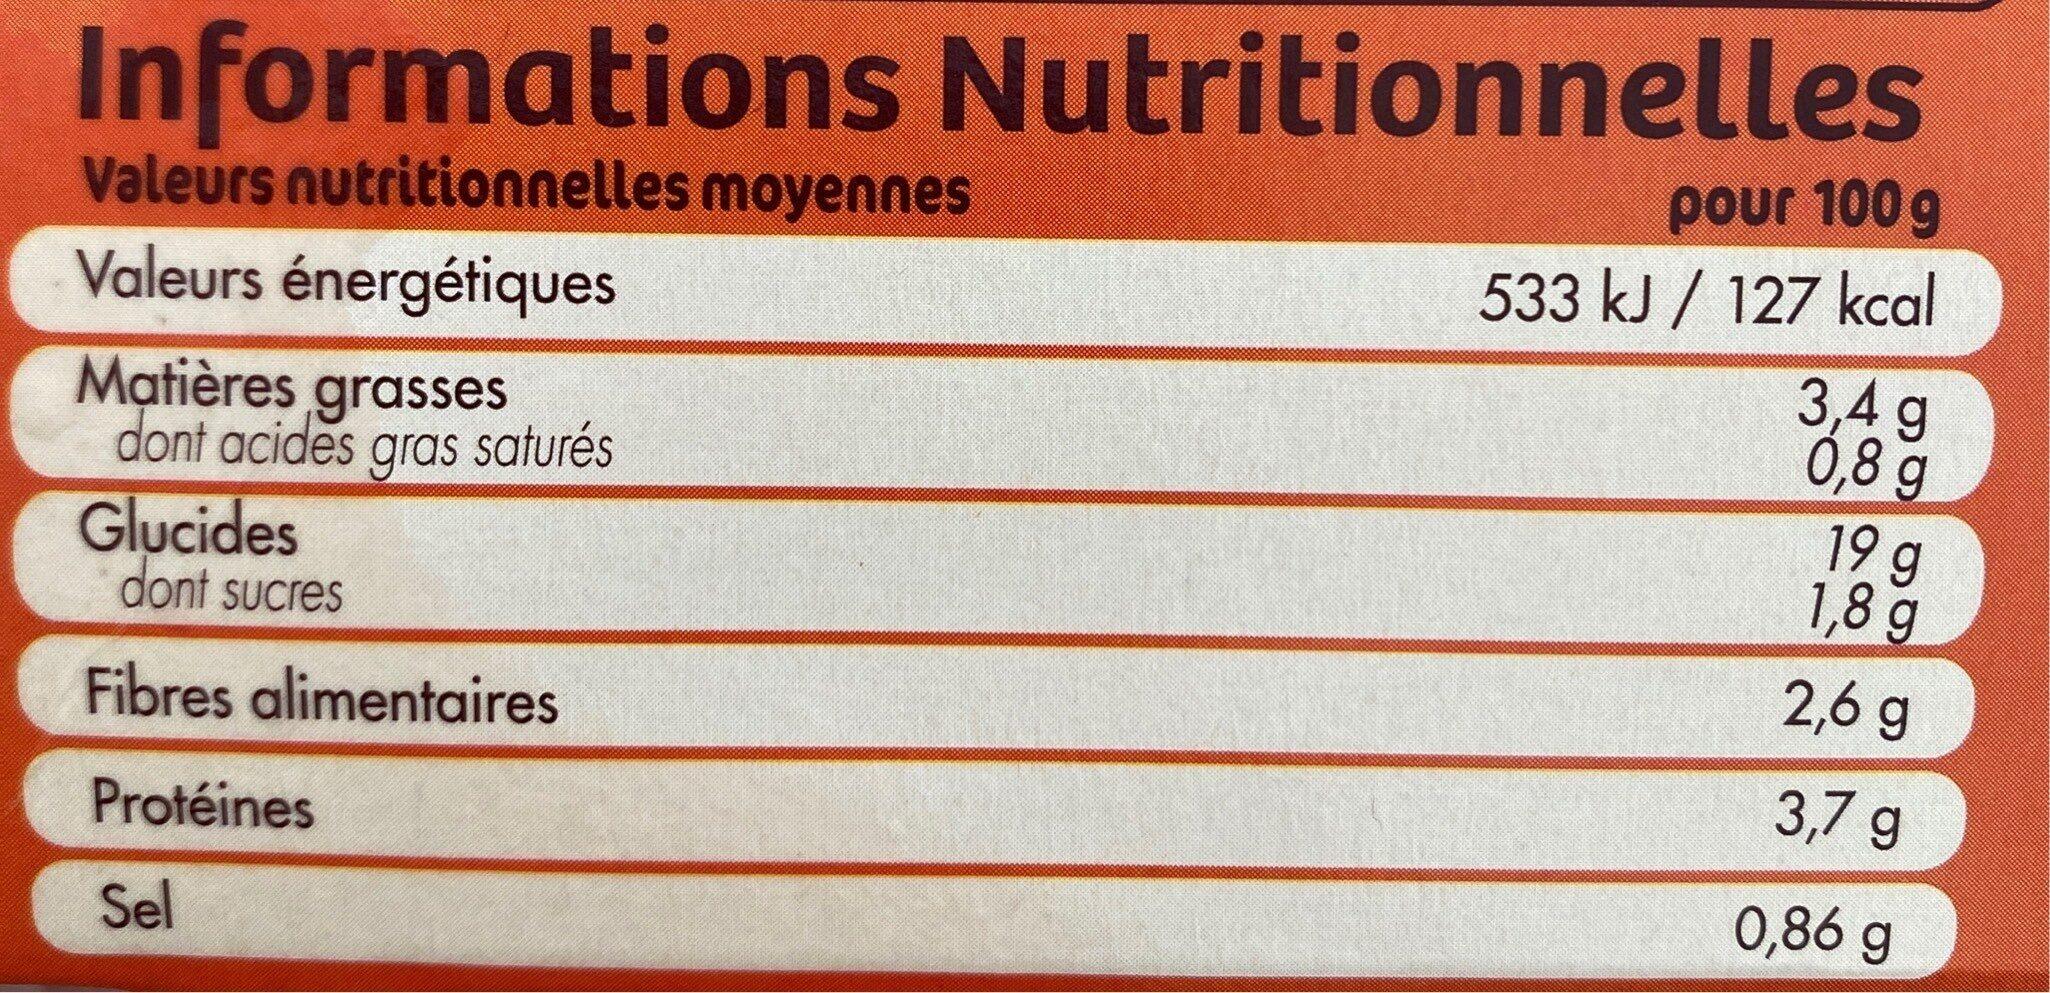 2 grandes galettes quinoa et petits legumes - Nutrition facts - fr